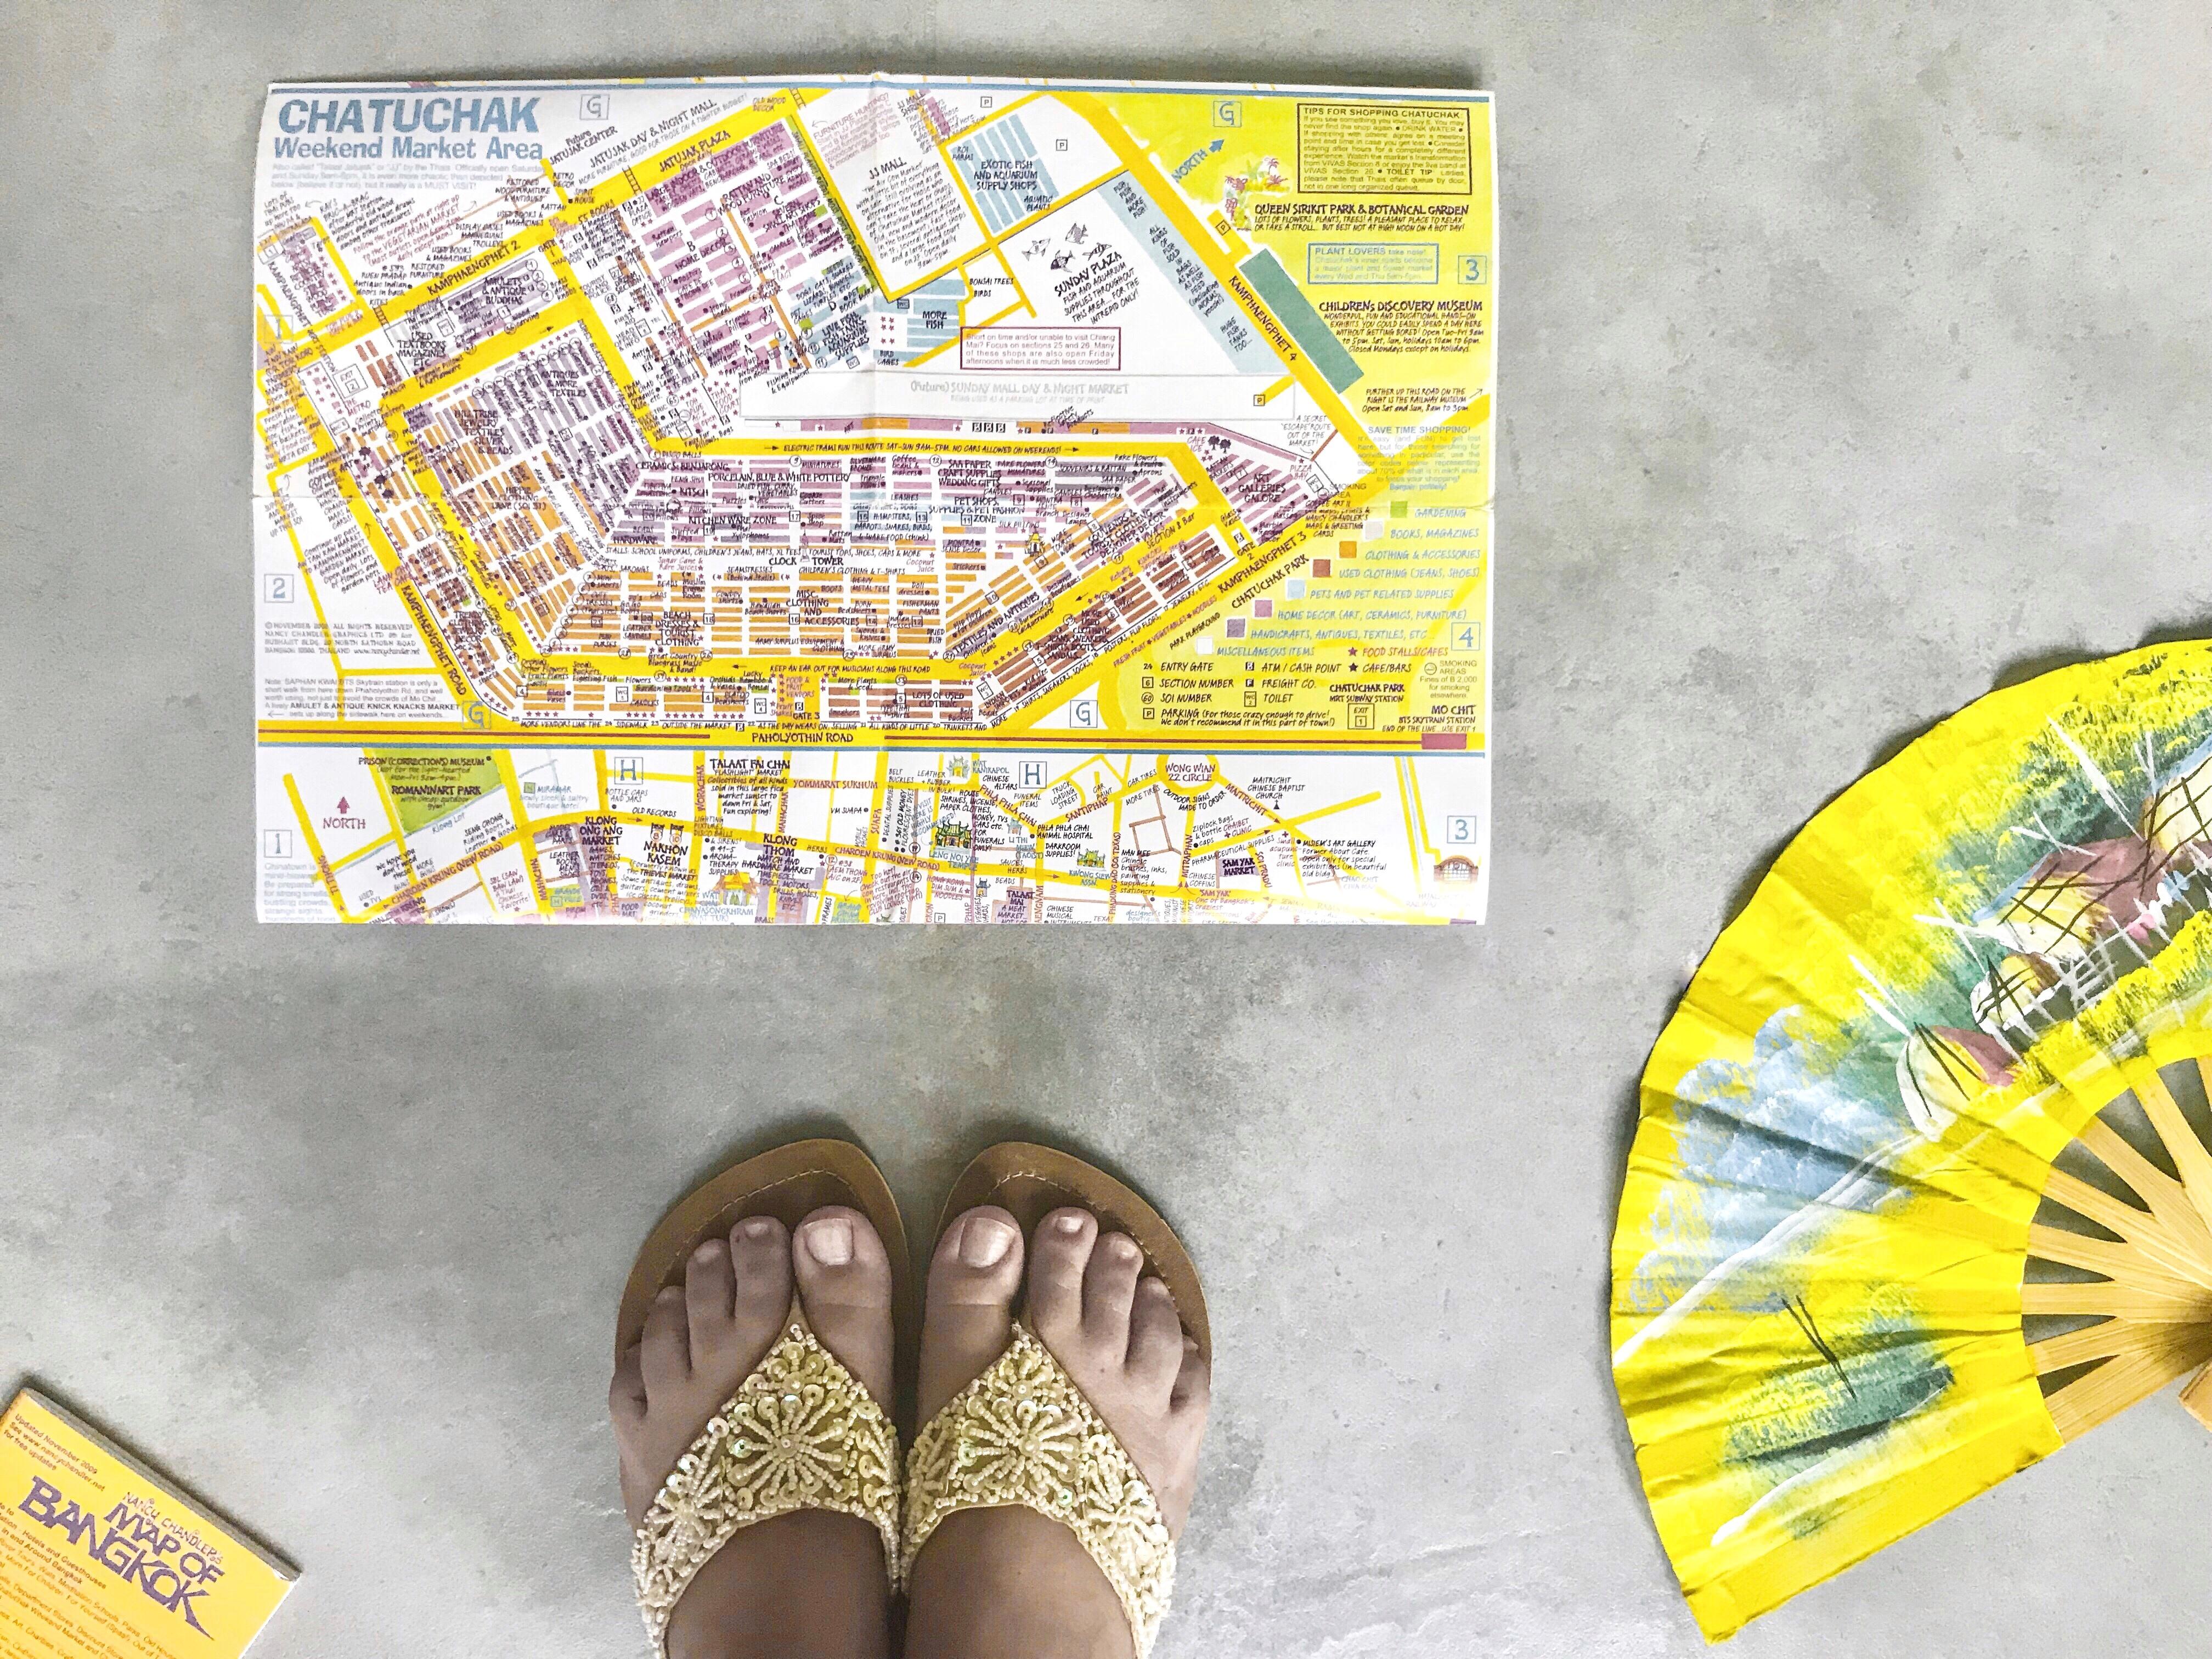 mappa Chatuchak Market, ventaglio, infradito